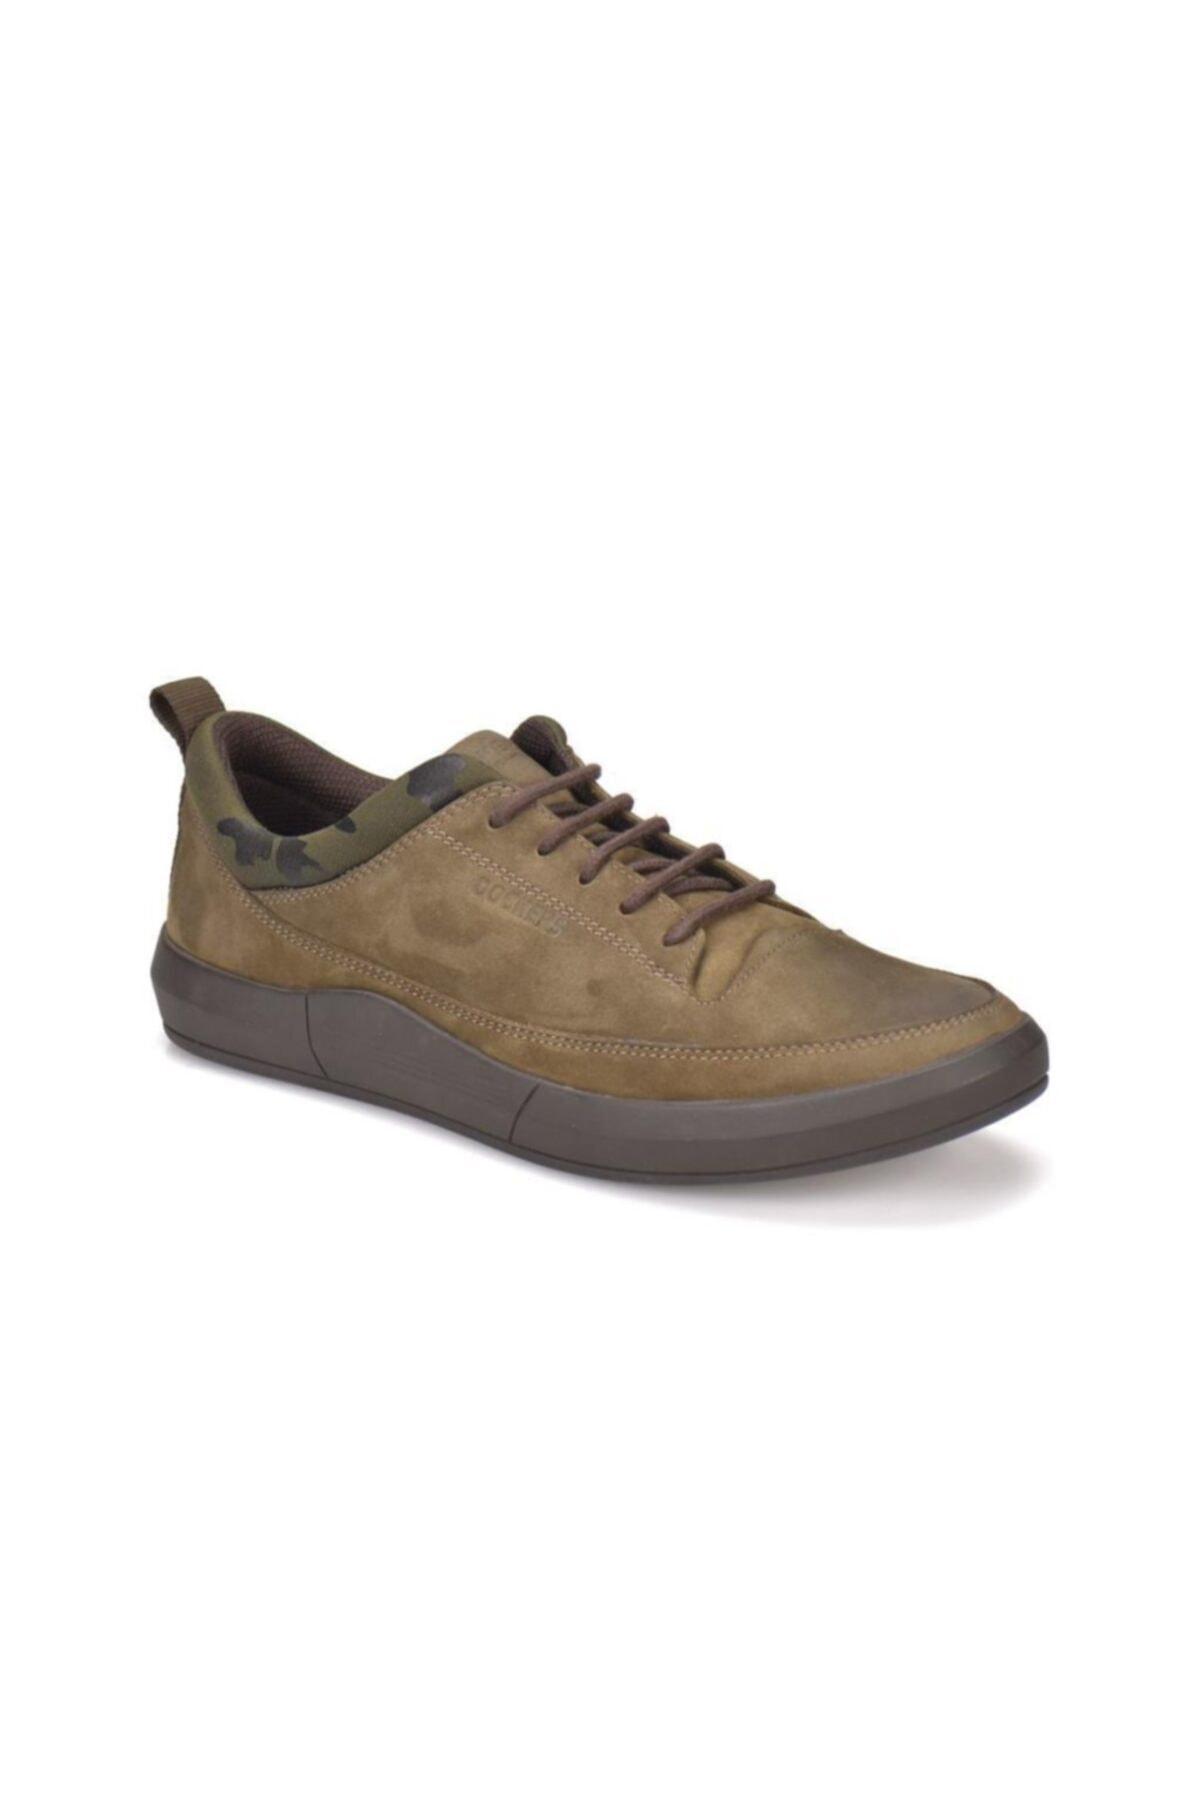 Dockers 225090 Hakiki Deri Comfort Casual Erkek Ayakkabısı 1